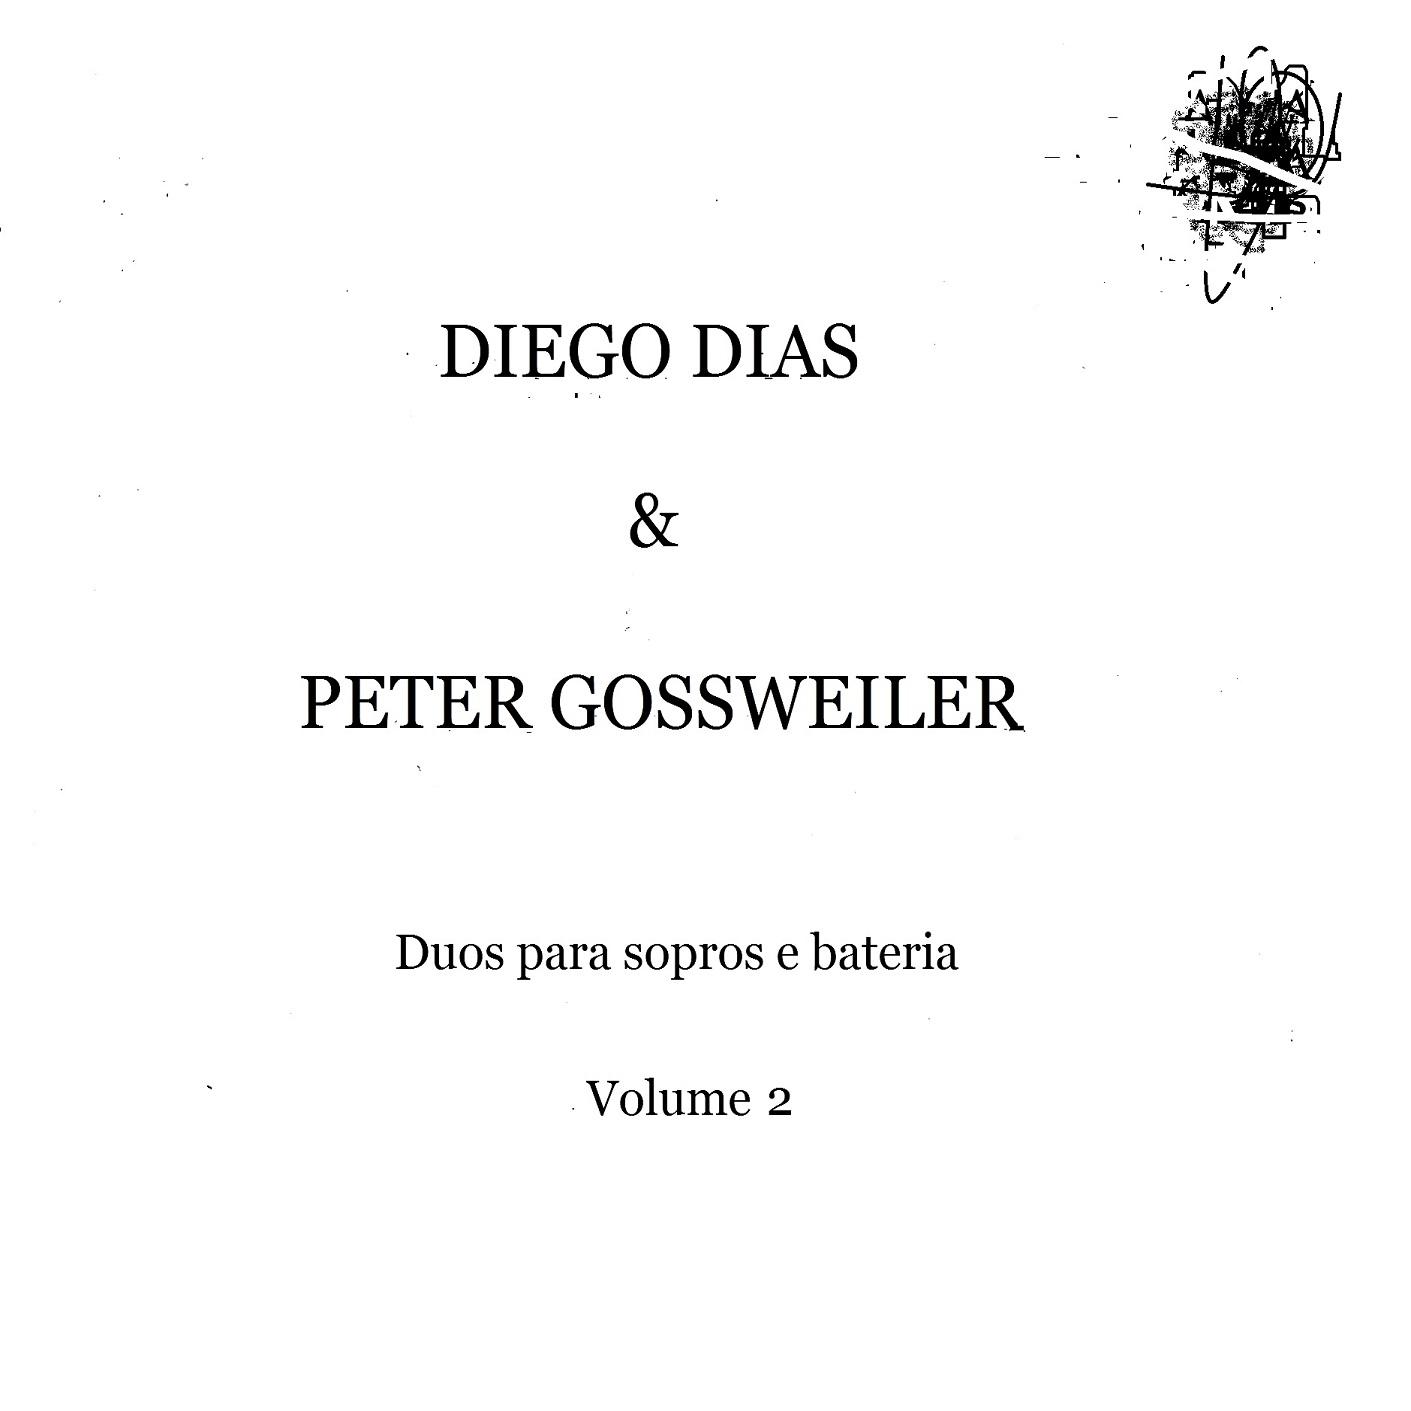 MSRCD047 - Diego Dias & Peter Gossweiler - Duos para Sopros e Bateria Vol. 2